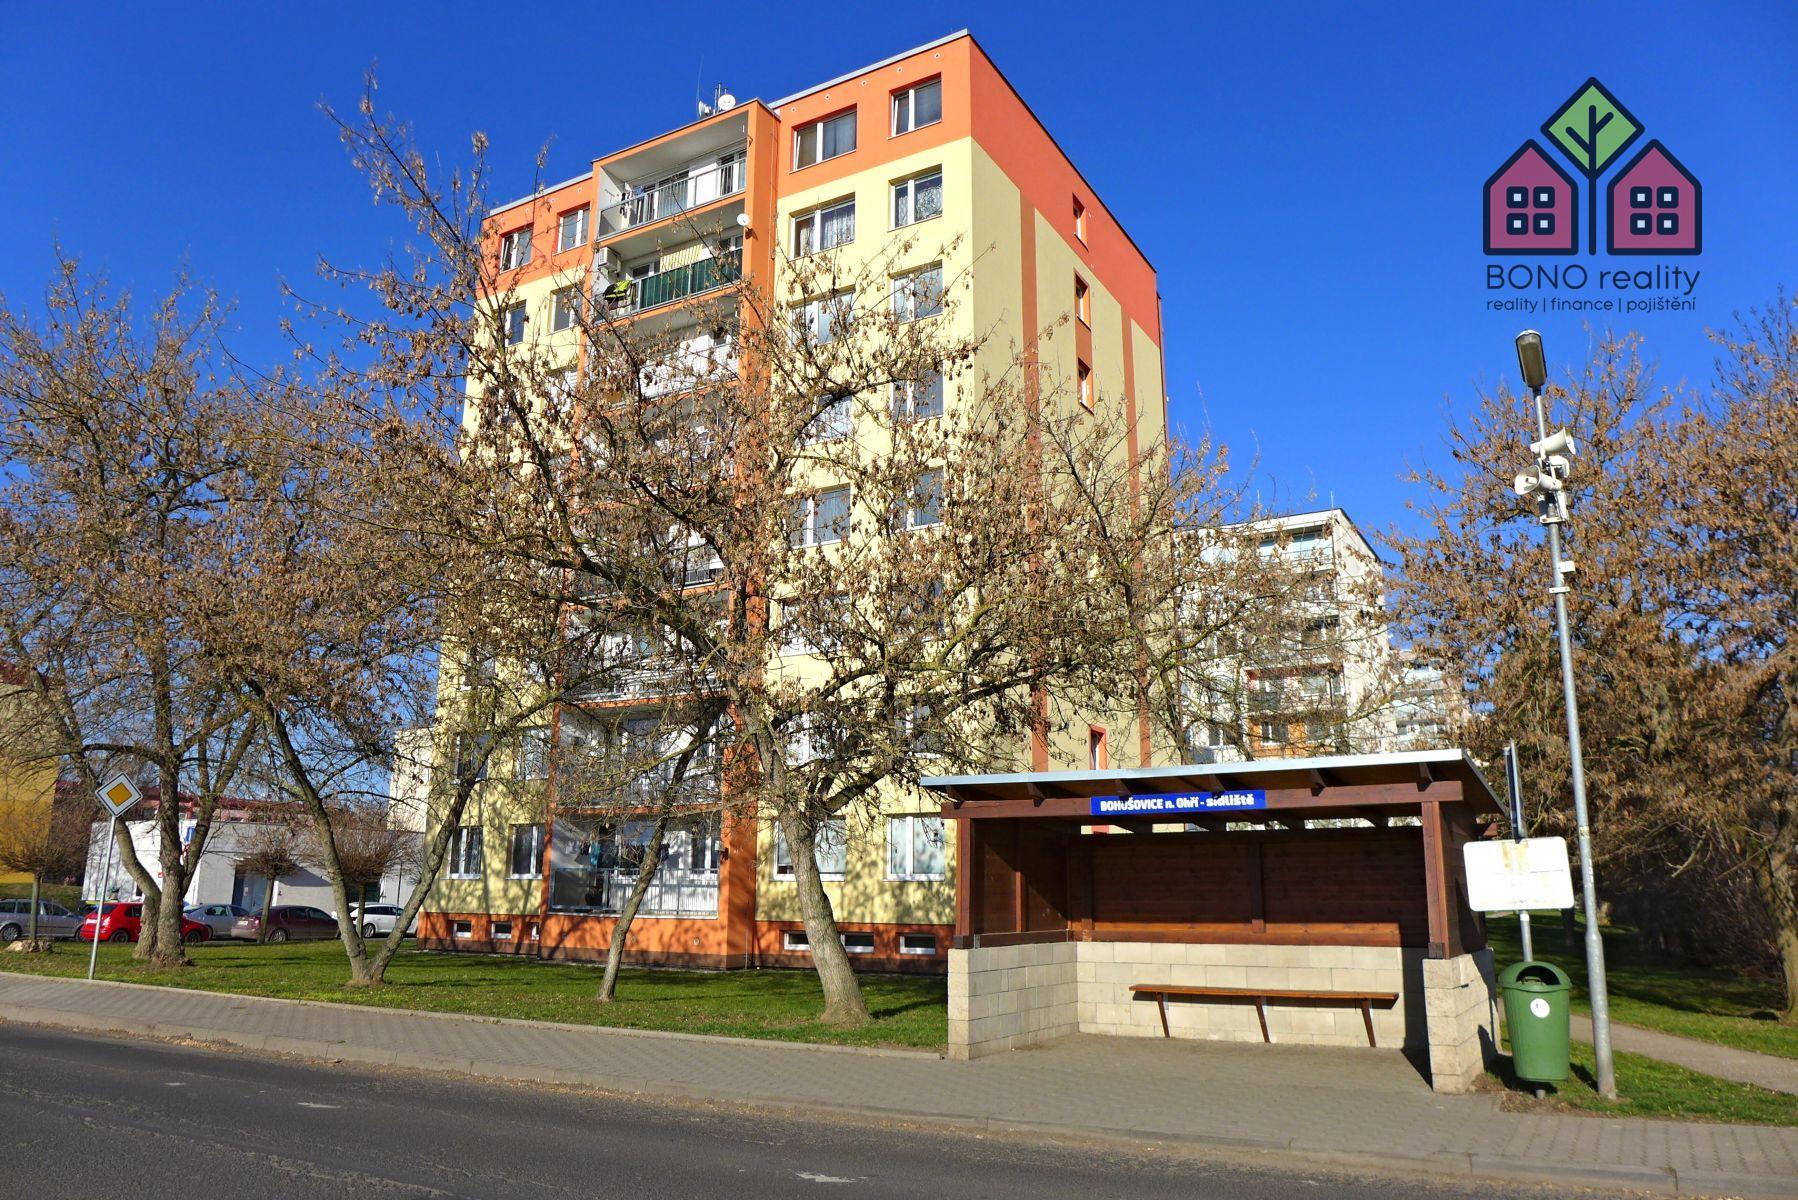 3+1, lodžie, 64 m2, zeleň, Bohušovice nad Ohří, ulice Zahradní